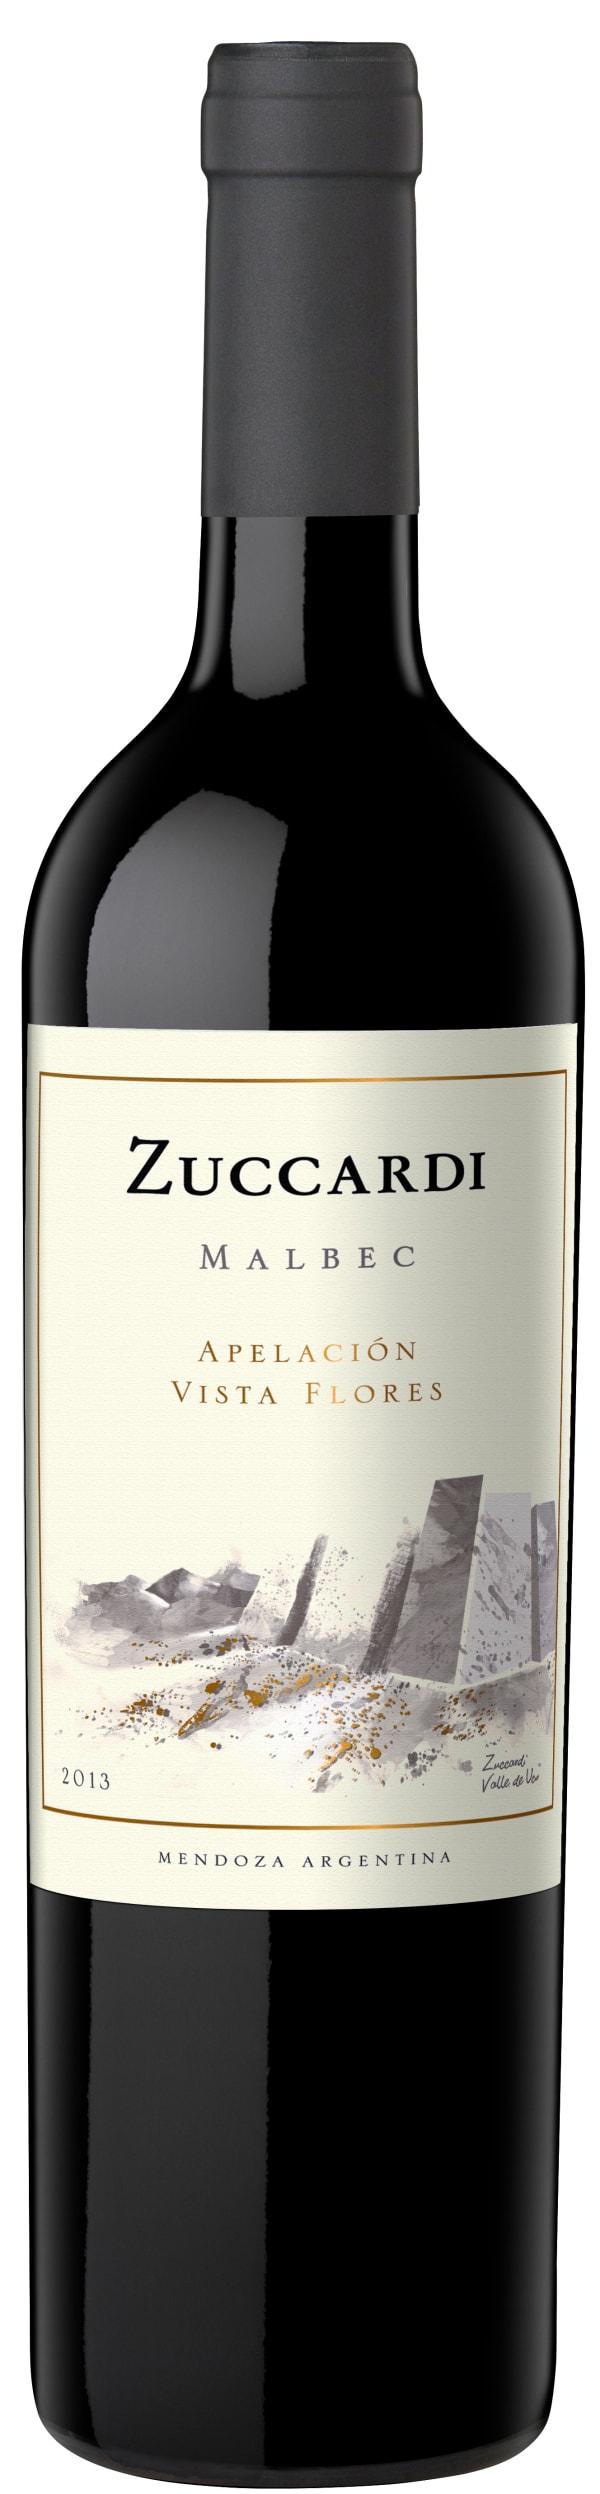 Zuccardi Apelacion Vista Flores Malbec 2013